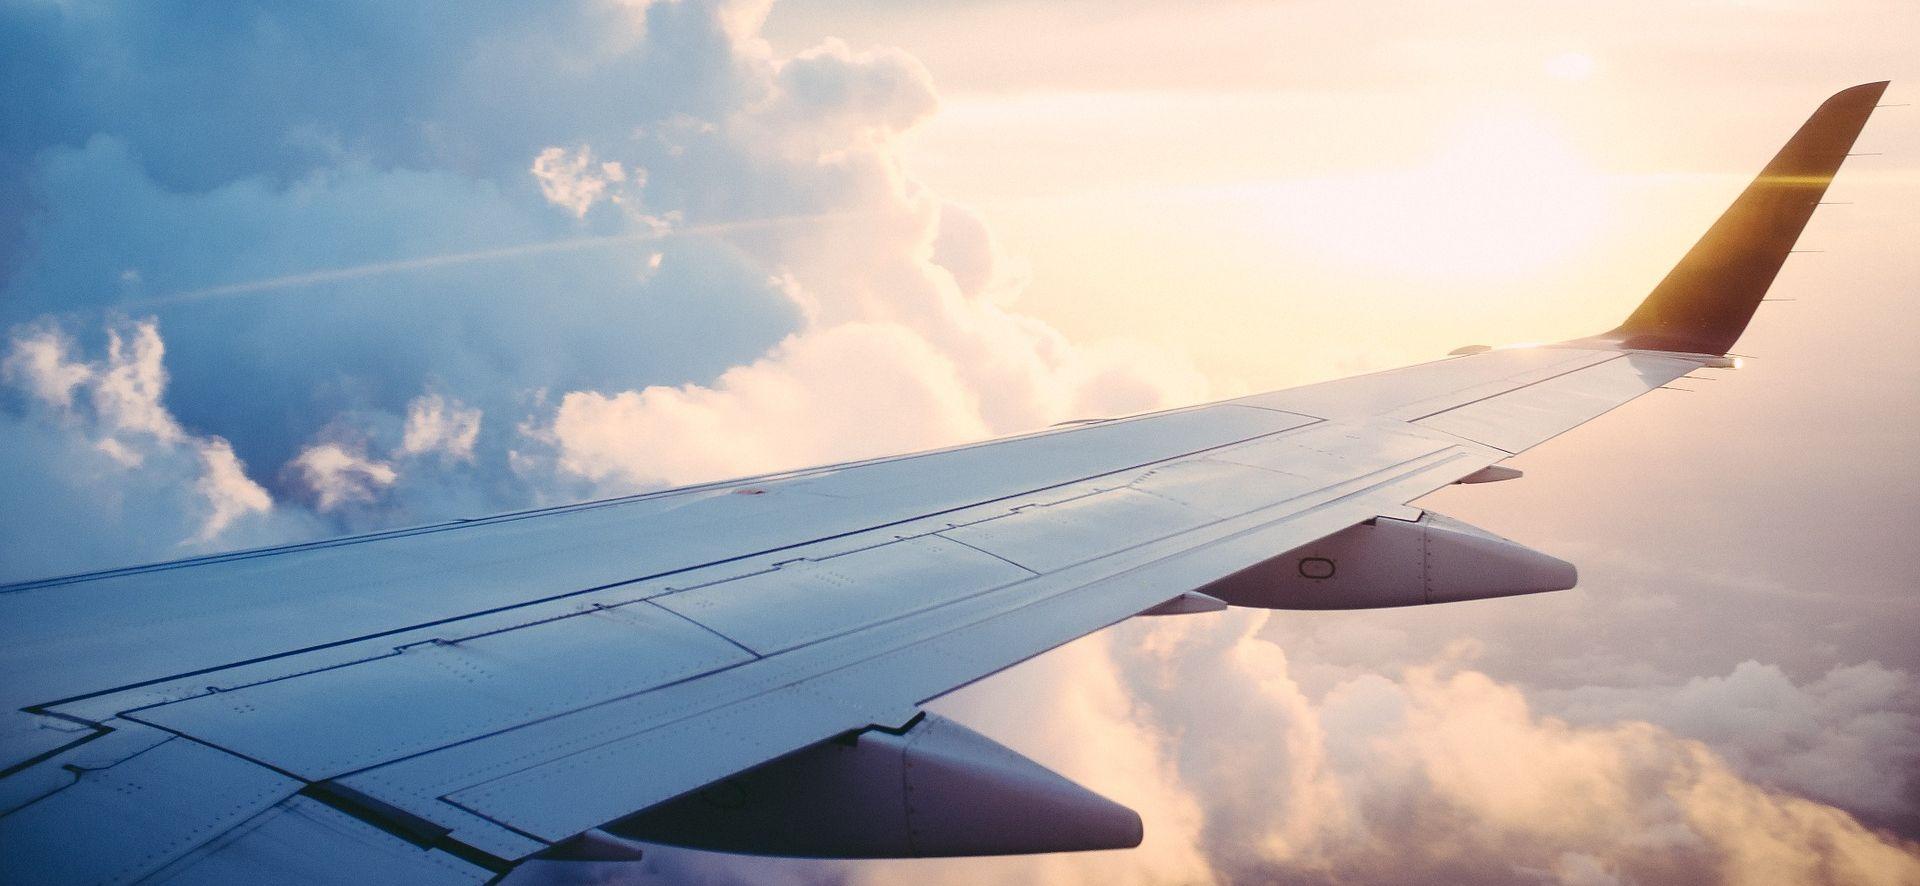 Jačanje potražnje potiče rast cijena zrakoplovnih karata i hotelskih soba